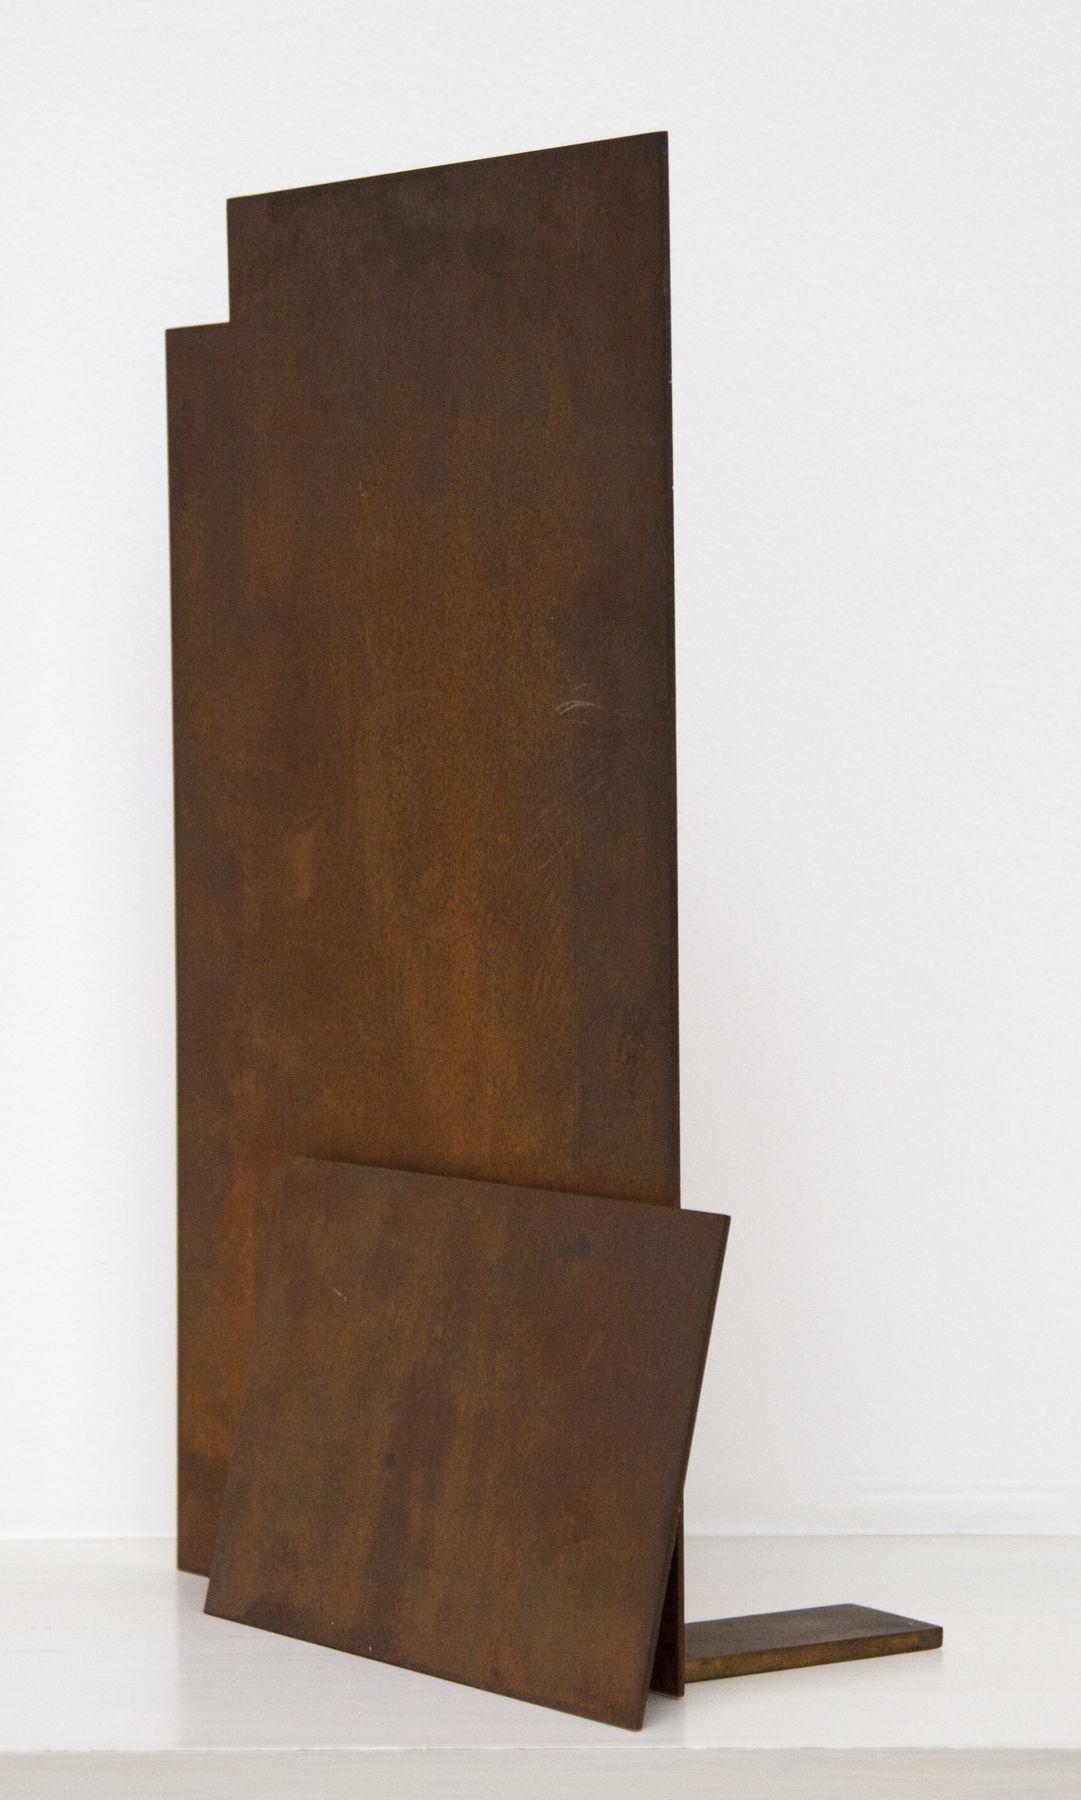 Jiro Takamatsu, No. 704